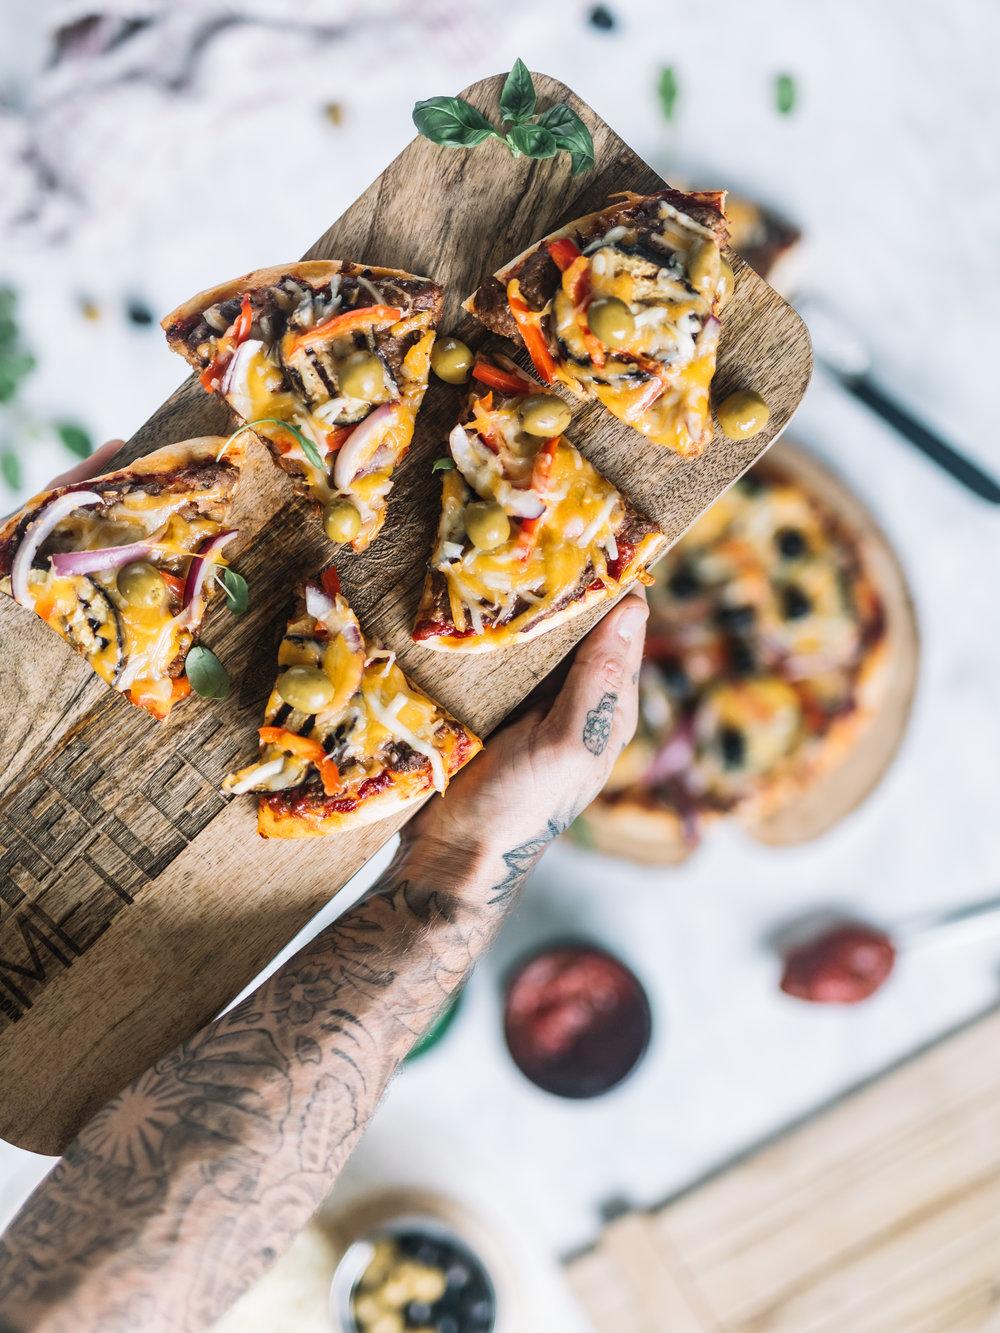 Bloemkool Gehakt Pizza NOV 20178.jpg